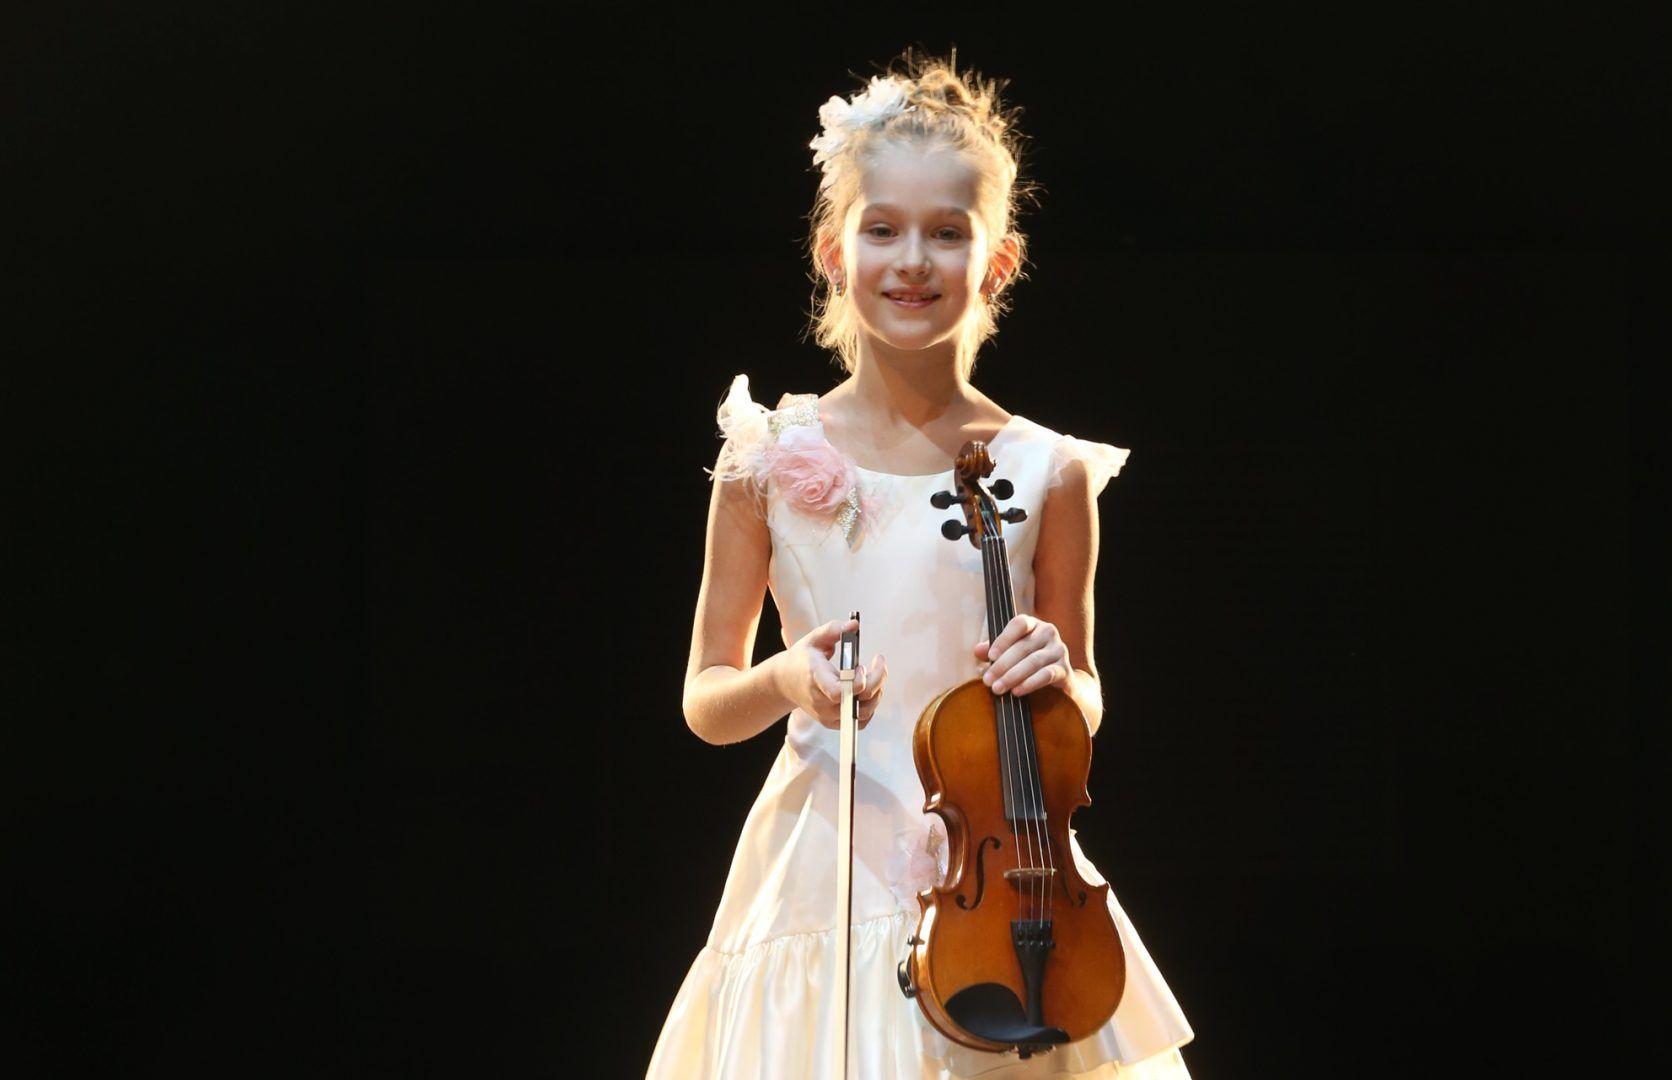 22 января 2020 года. Сосенское. Мария Харламова готовится к новому конкурсу. Фото: Виктор Хабаров